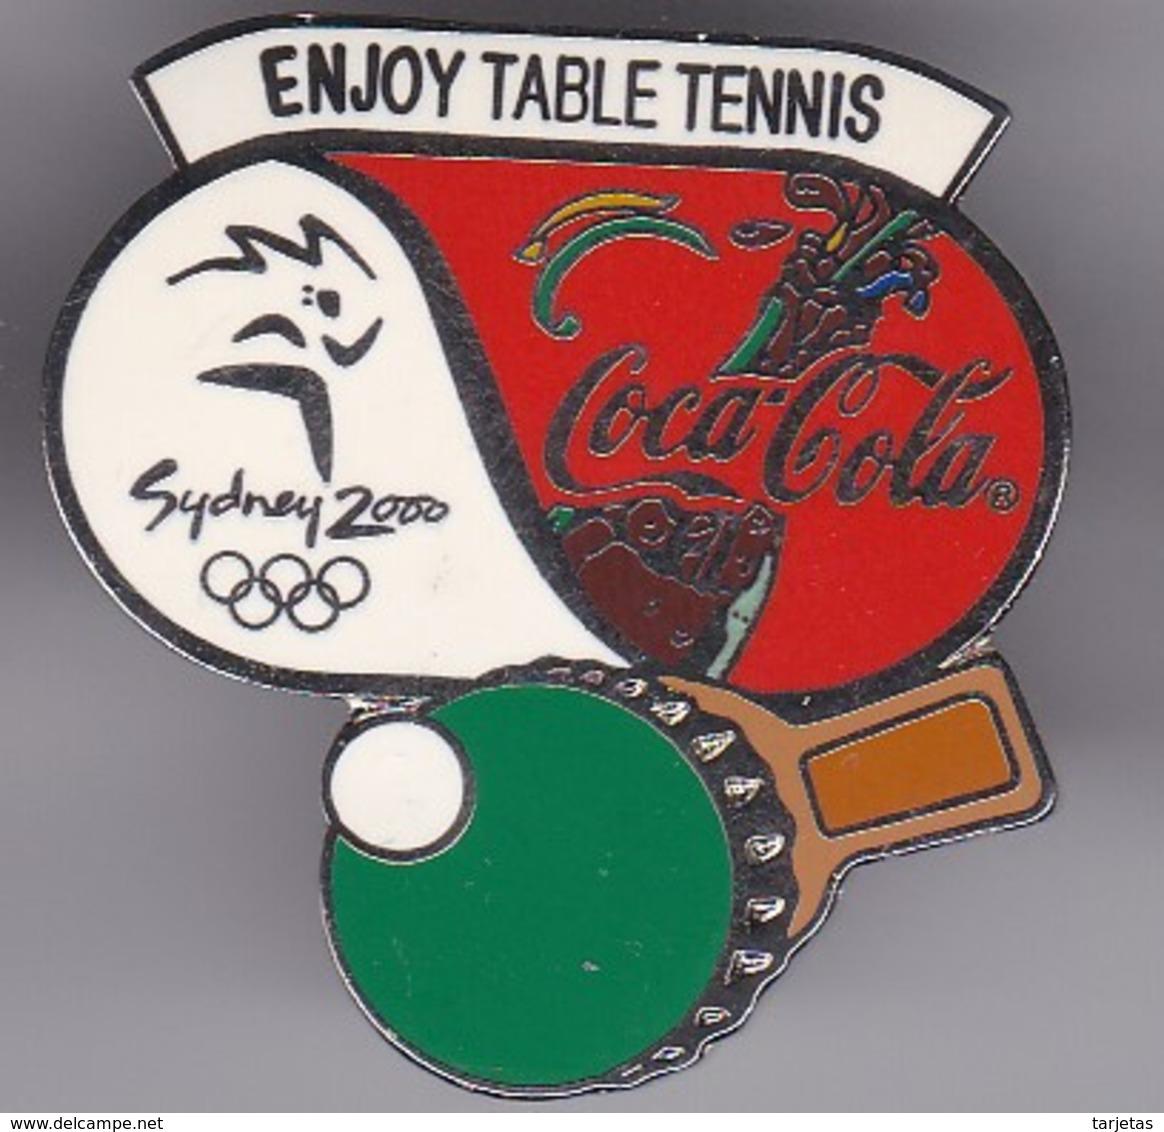 PIN DE COCA-COLA DE LAS OLIMPIADAS DE SYDNEY 2000 - ENJOY TABLE TENNIS - PINPON (COKE) OLYMPIC GAMES - Coca-Cola